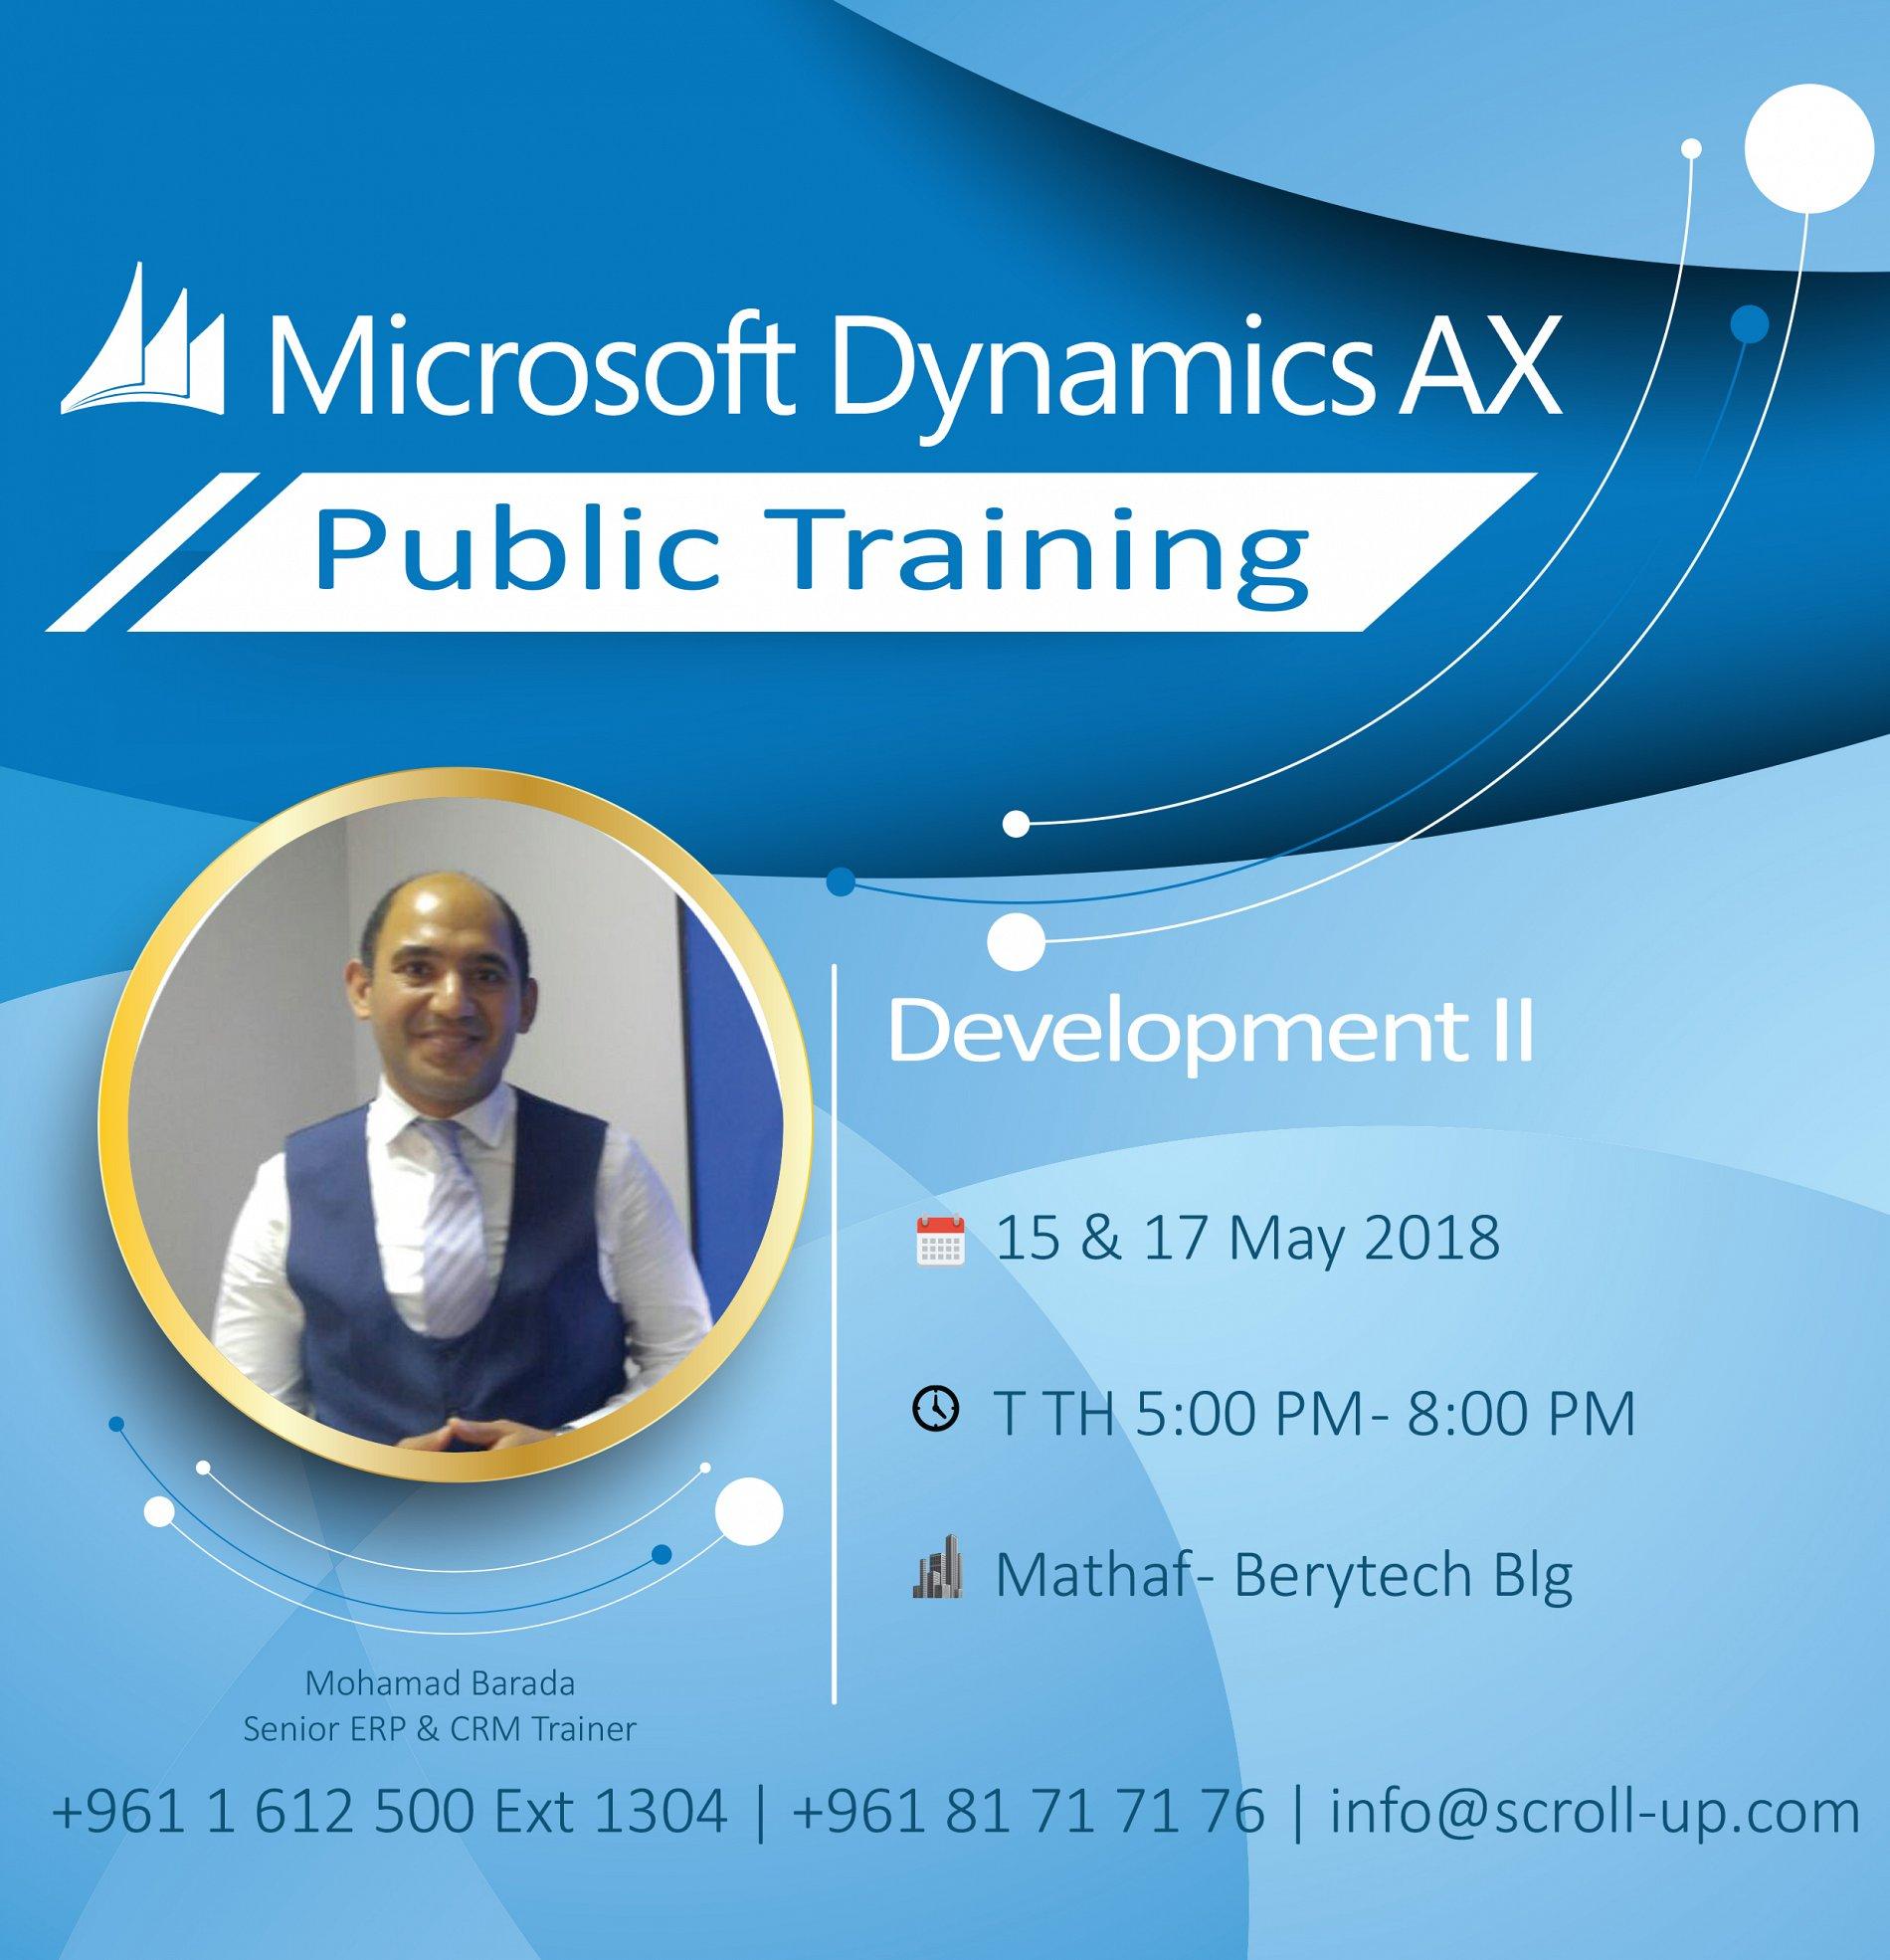 Dev Ii In Microsoft Dynamics Ax Public Training Lebtivity